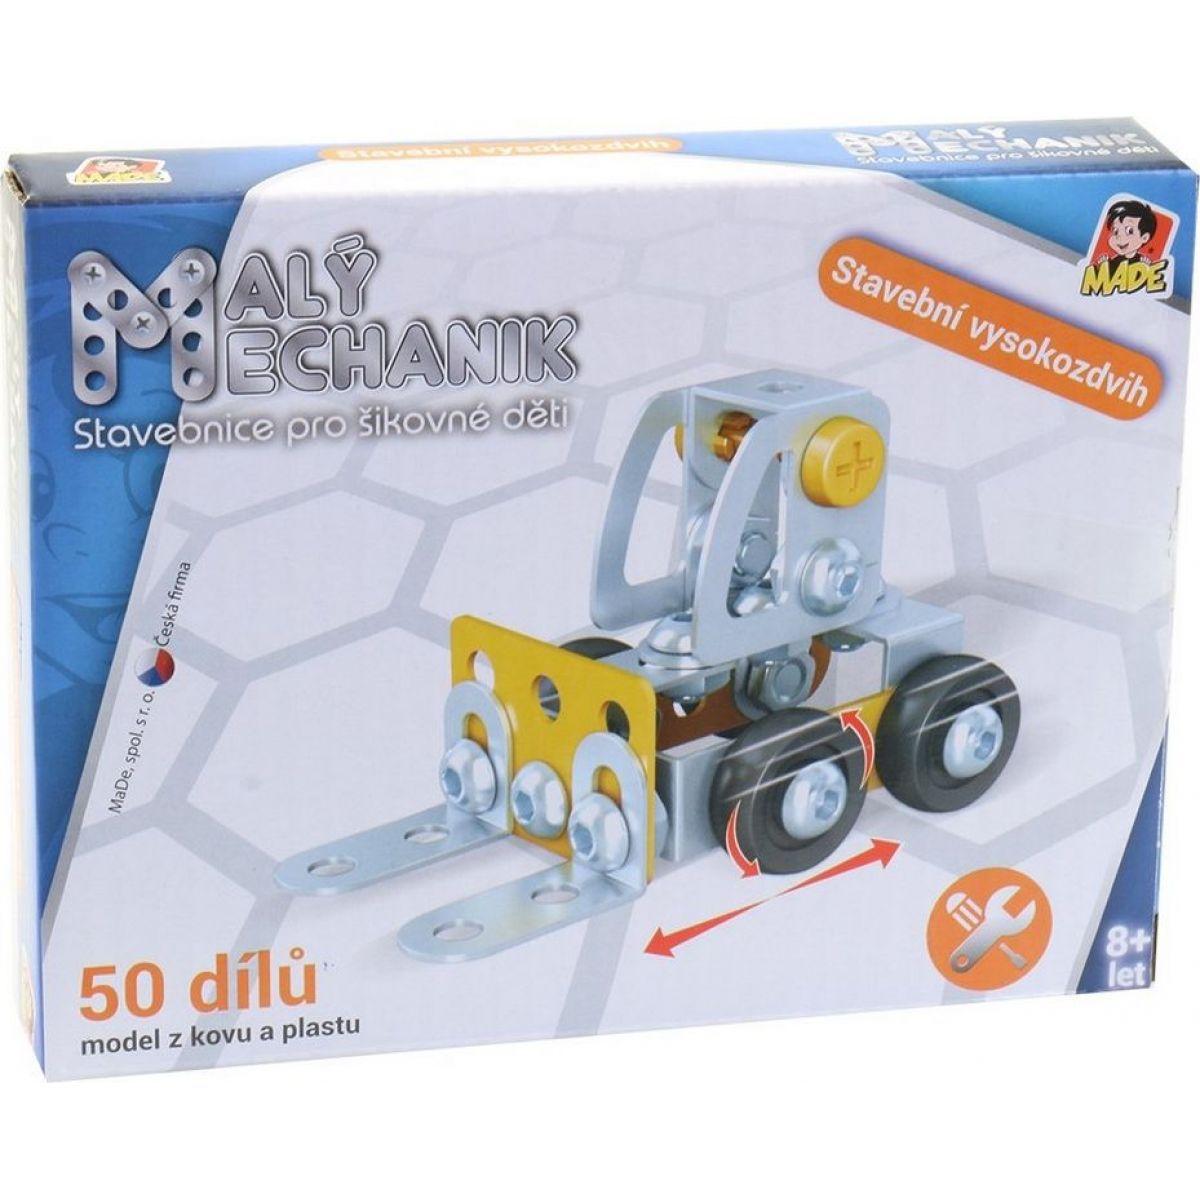 Made Malý mechanik Stavebná technika Vysokozdvižný vozík